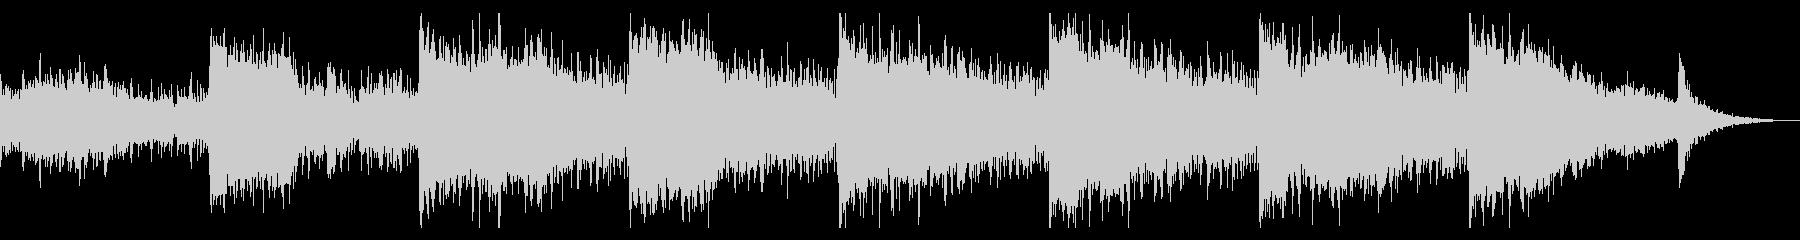 不気味なノイズのドローンの未再生の波形